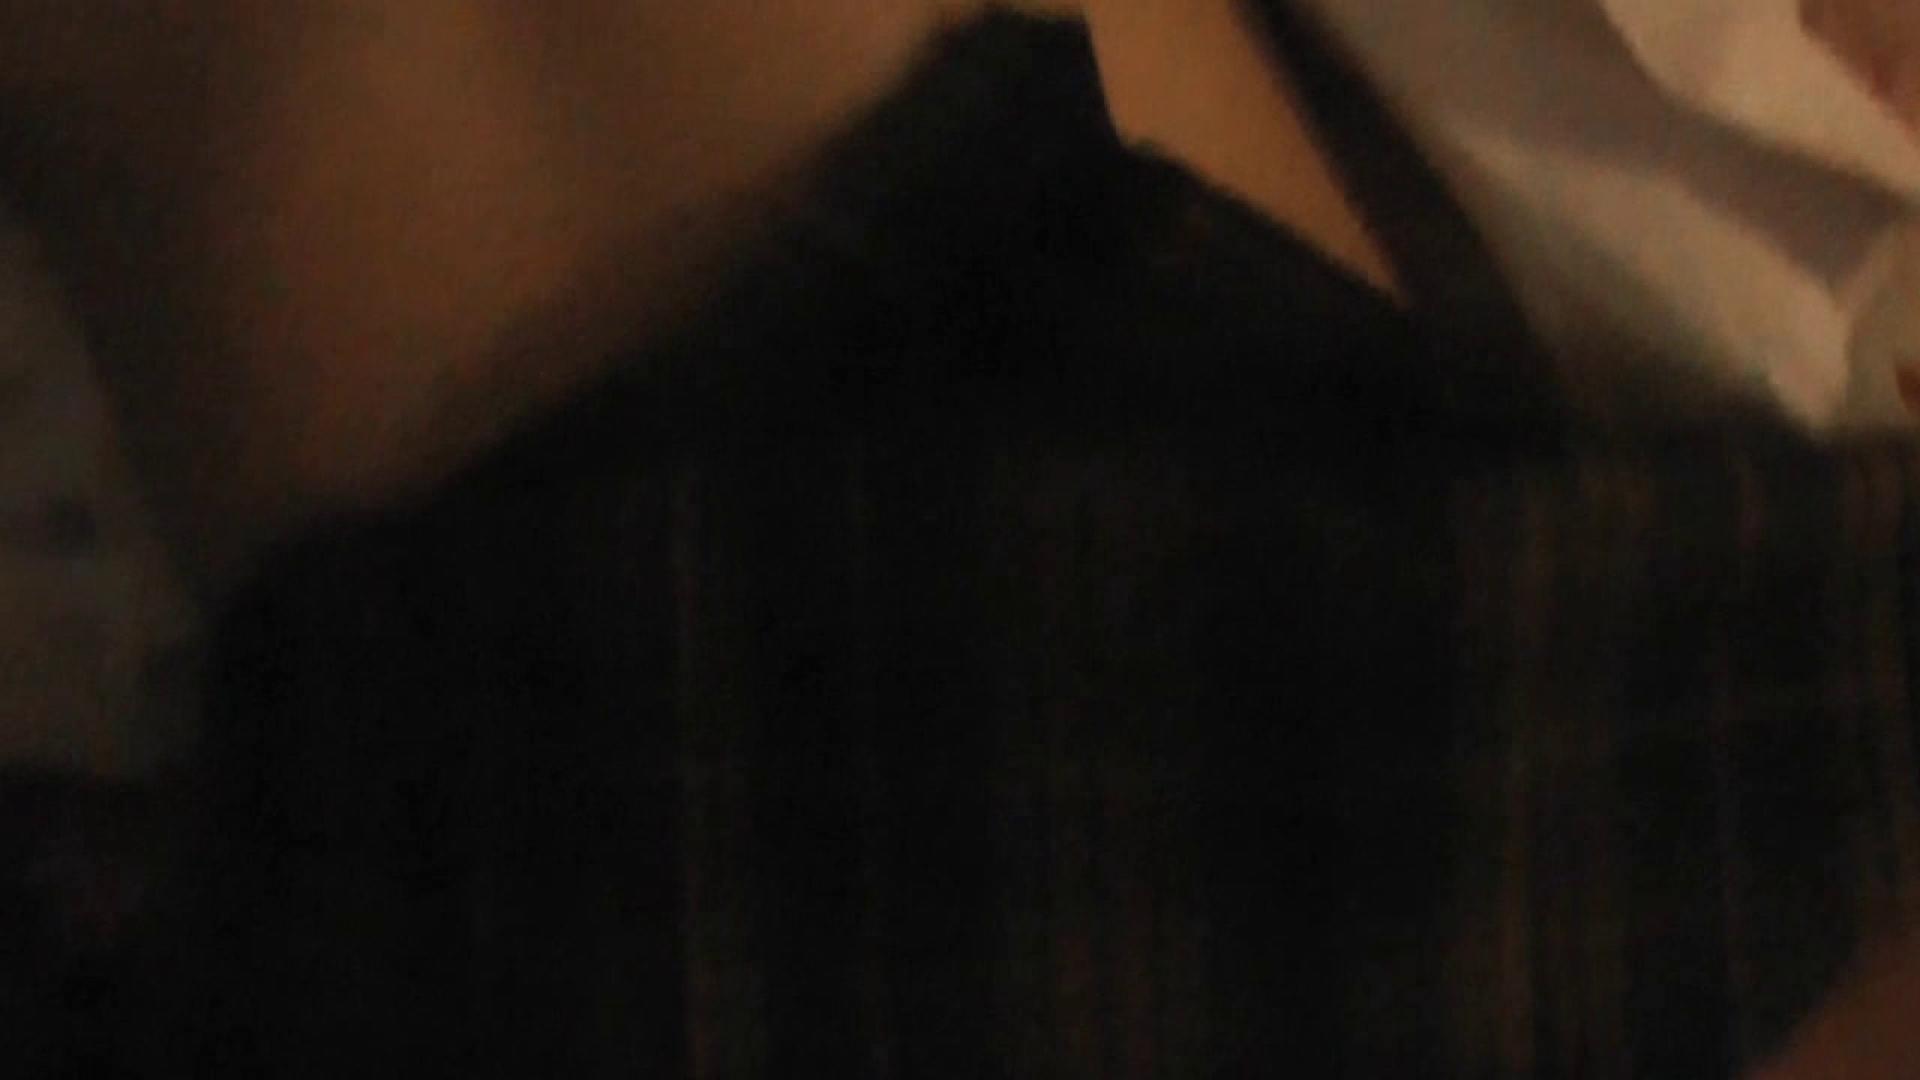 アダルトエロ動画|vol.4 ユリナちゃんを不在中の妻の部屋に連れ込みました。|怪盗ジョーカー